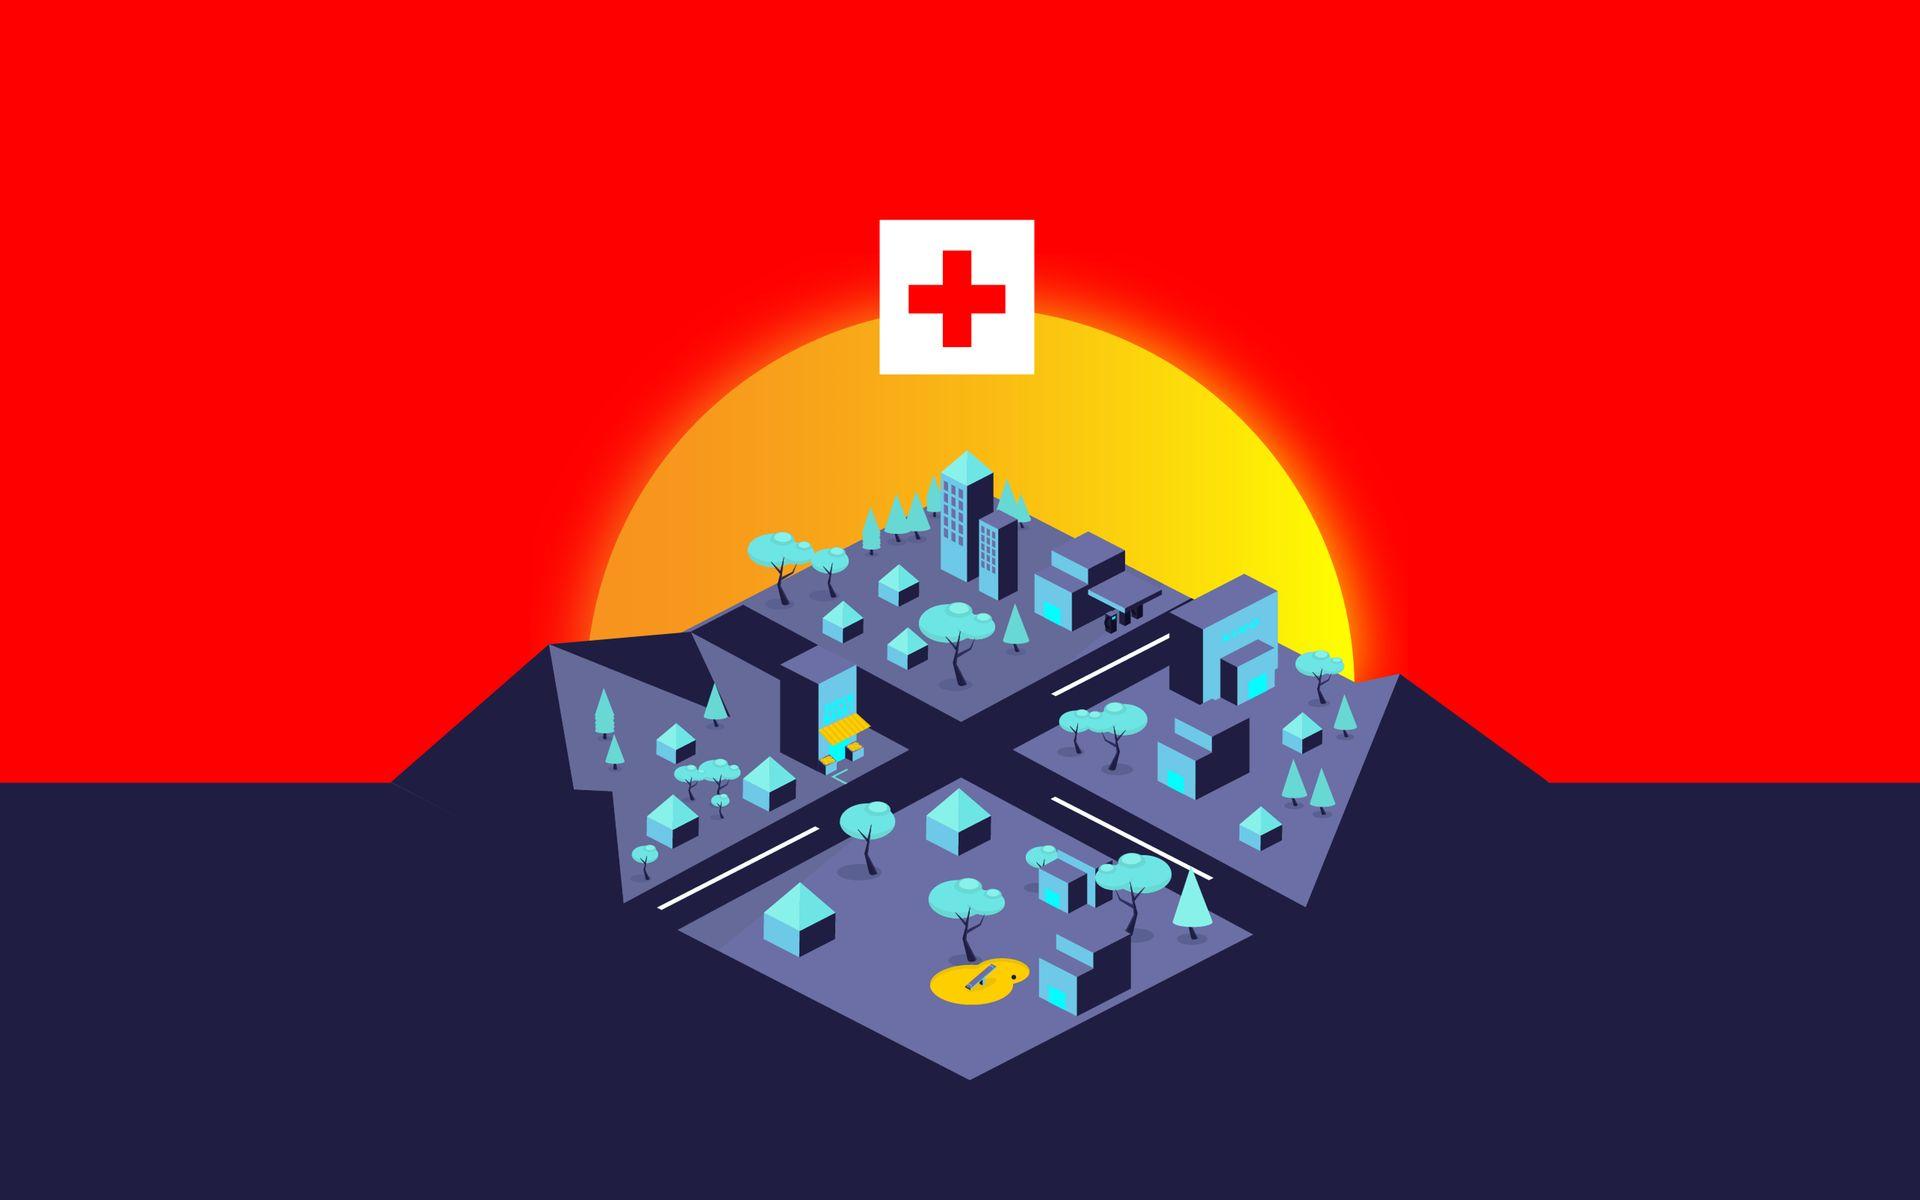 Niemand will krank werden – eine Region im Schwarzwald zeigt, wie das